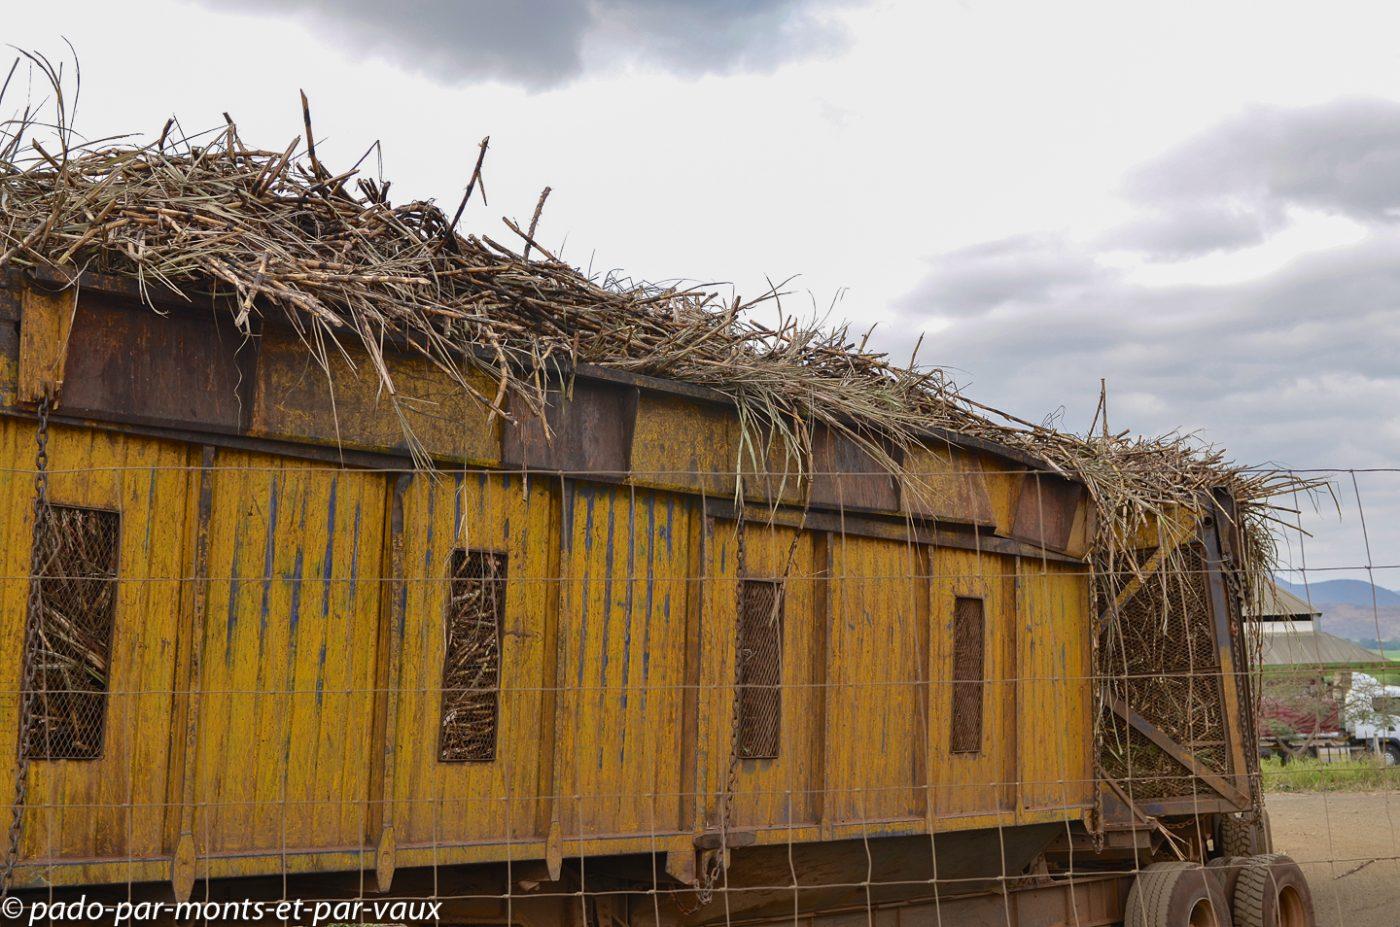 Swaziland - cannes à sucre